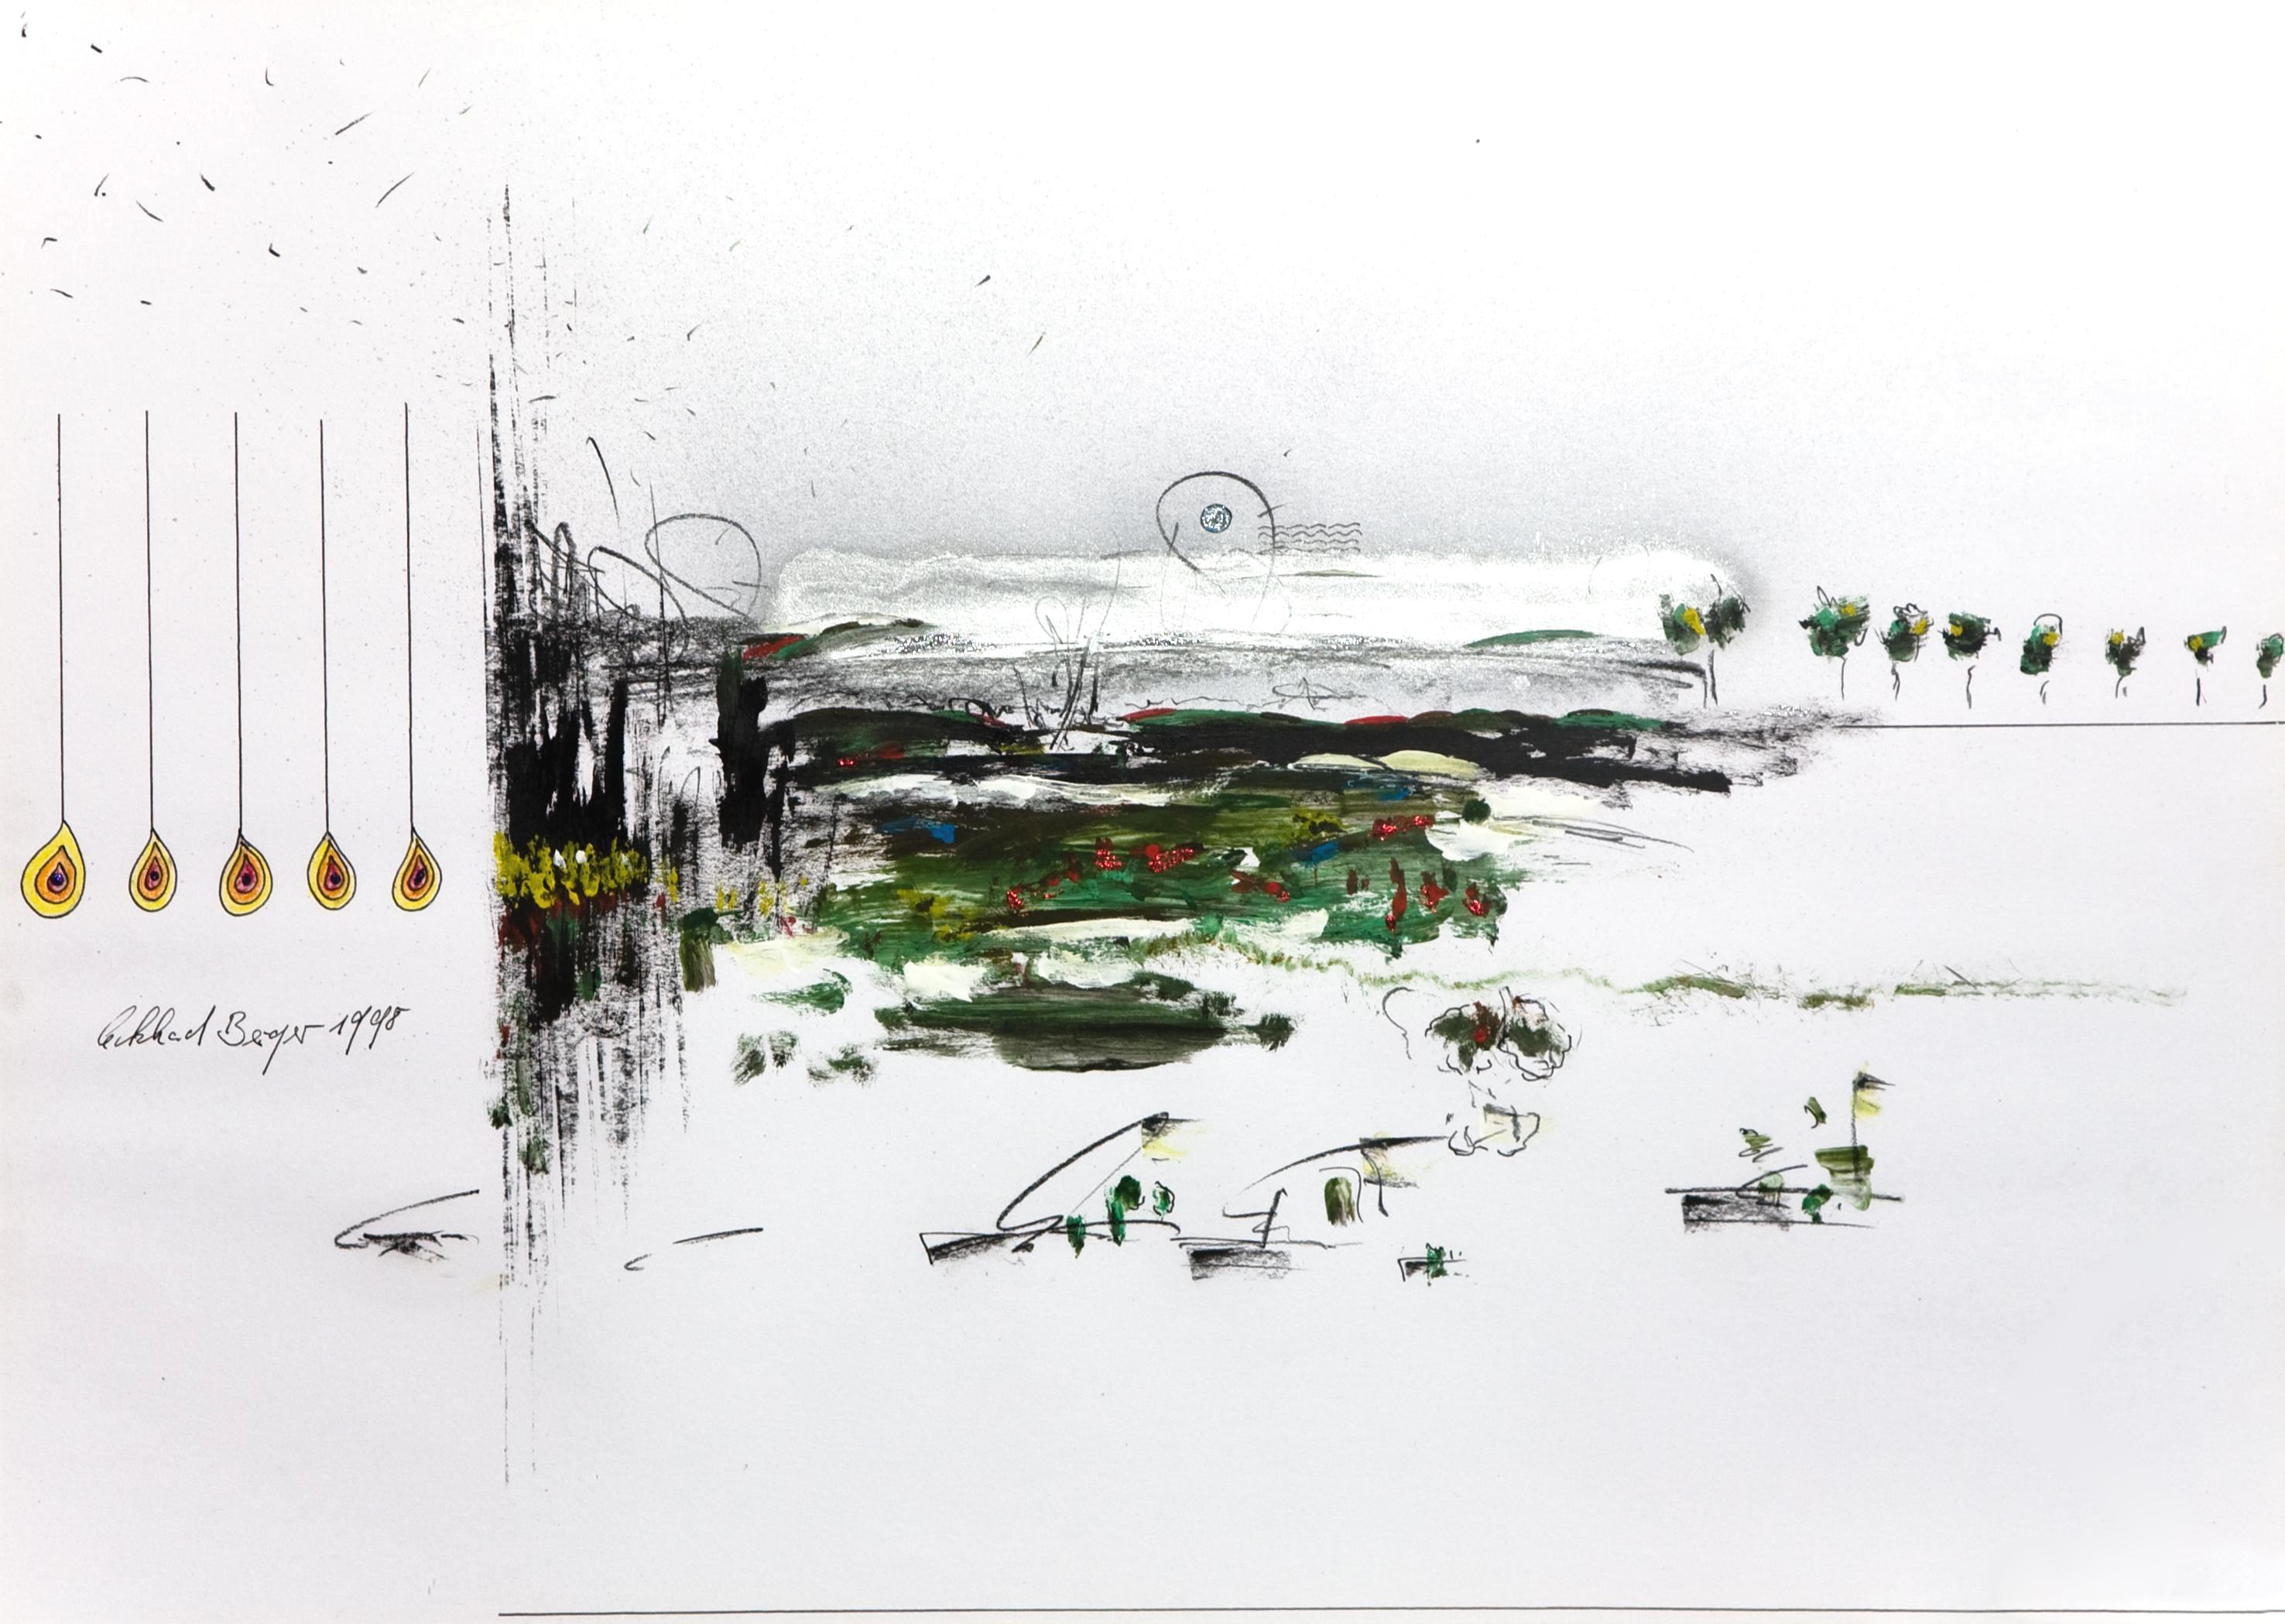 Eckhard Berger Kunstwerk Bild 26